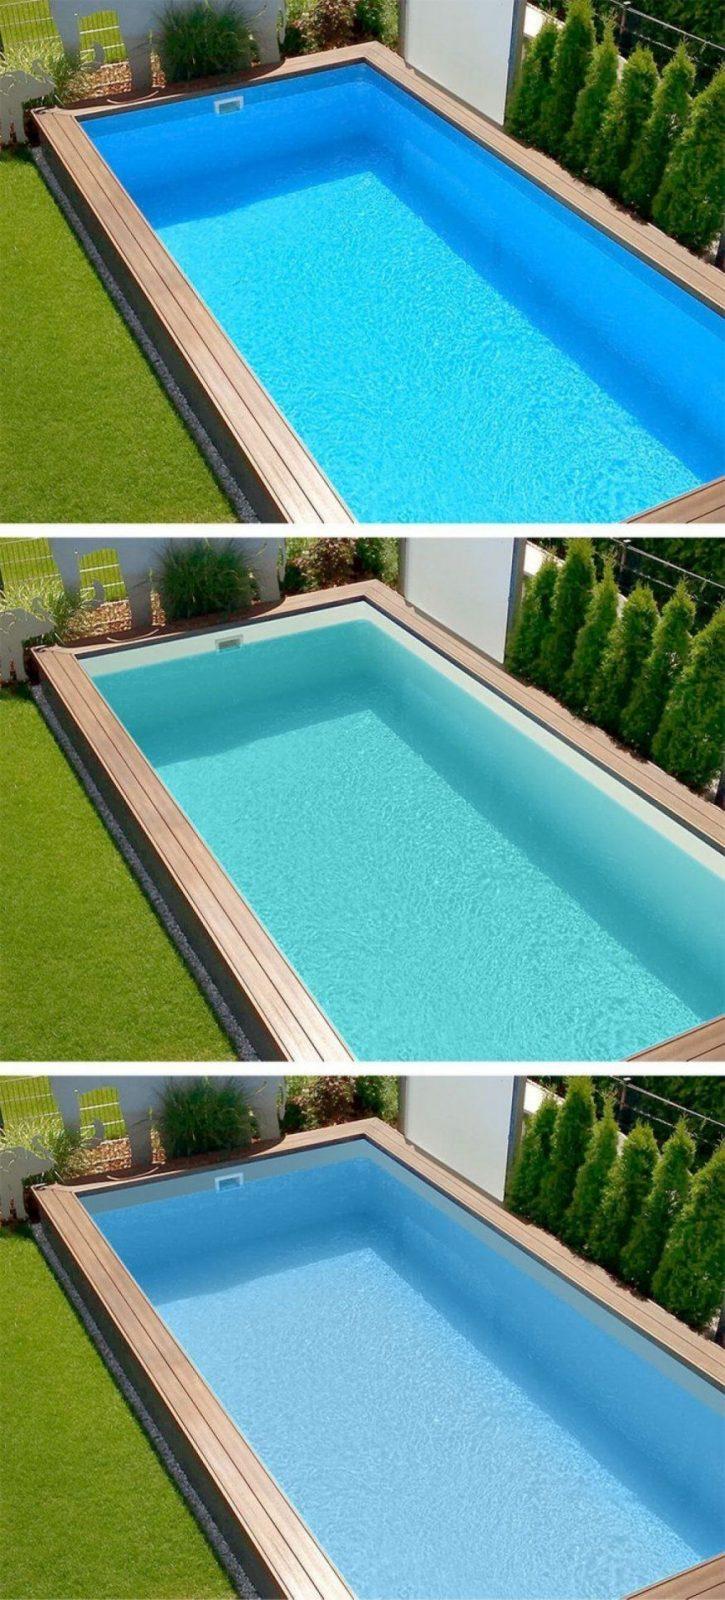 Spannende Garten Pool Ideen Schã Ne Pool Im Garten Integrieren von Pool Im Garten Integrieren Bild